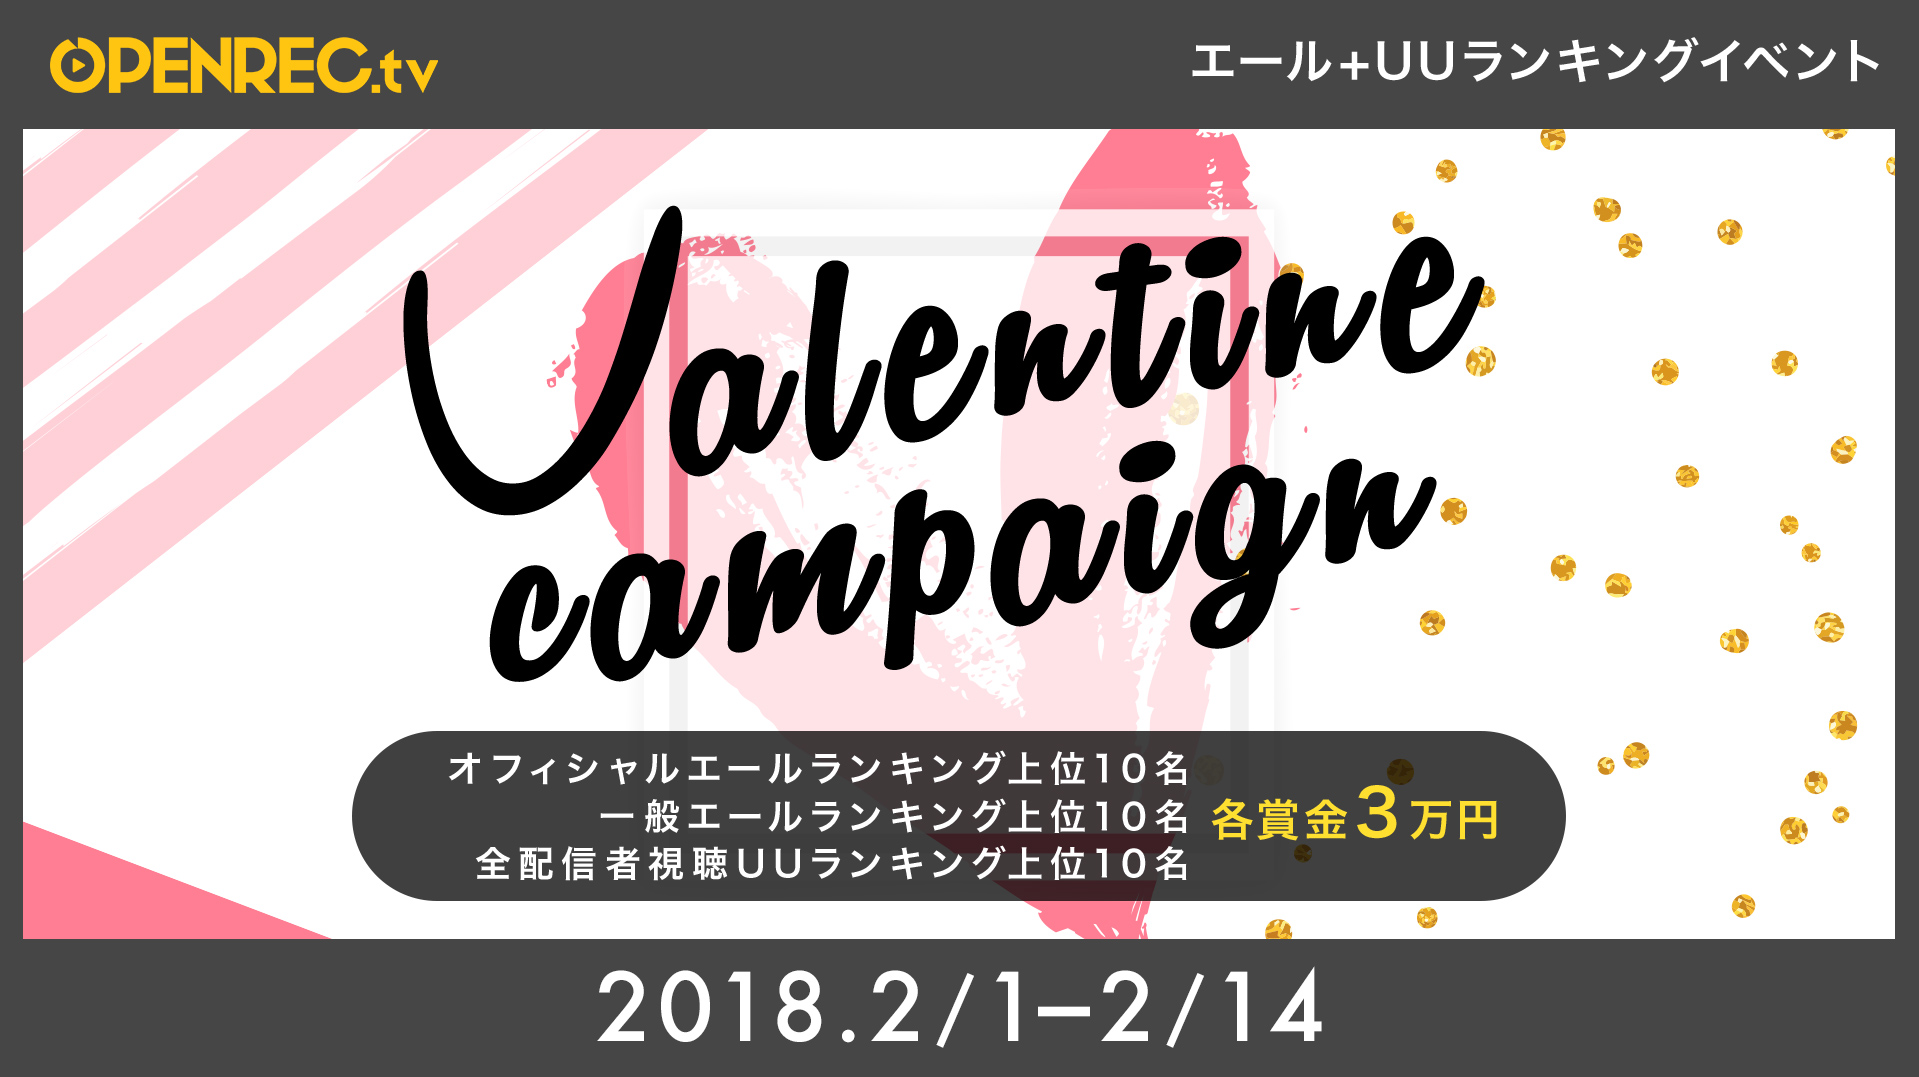 【ランキングイベント】バレンタインキャンペーン(全配信者参加イベント)